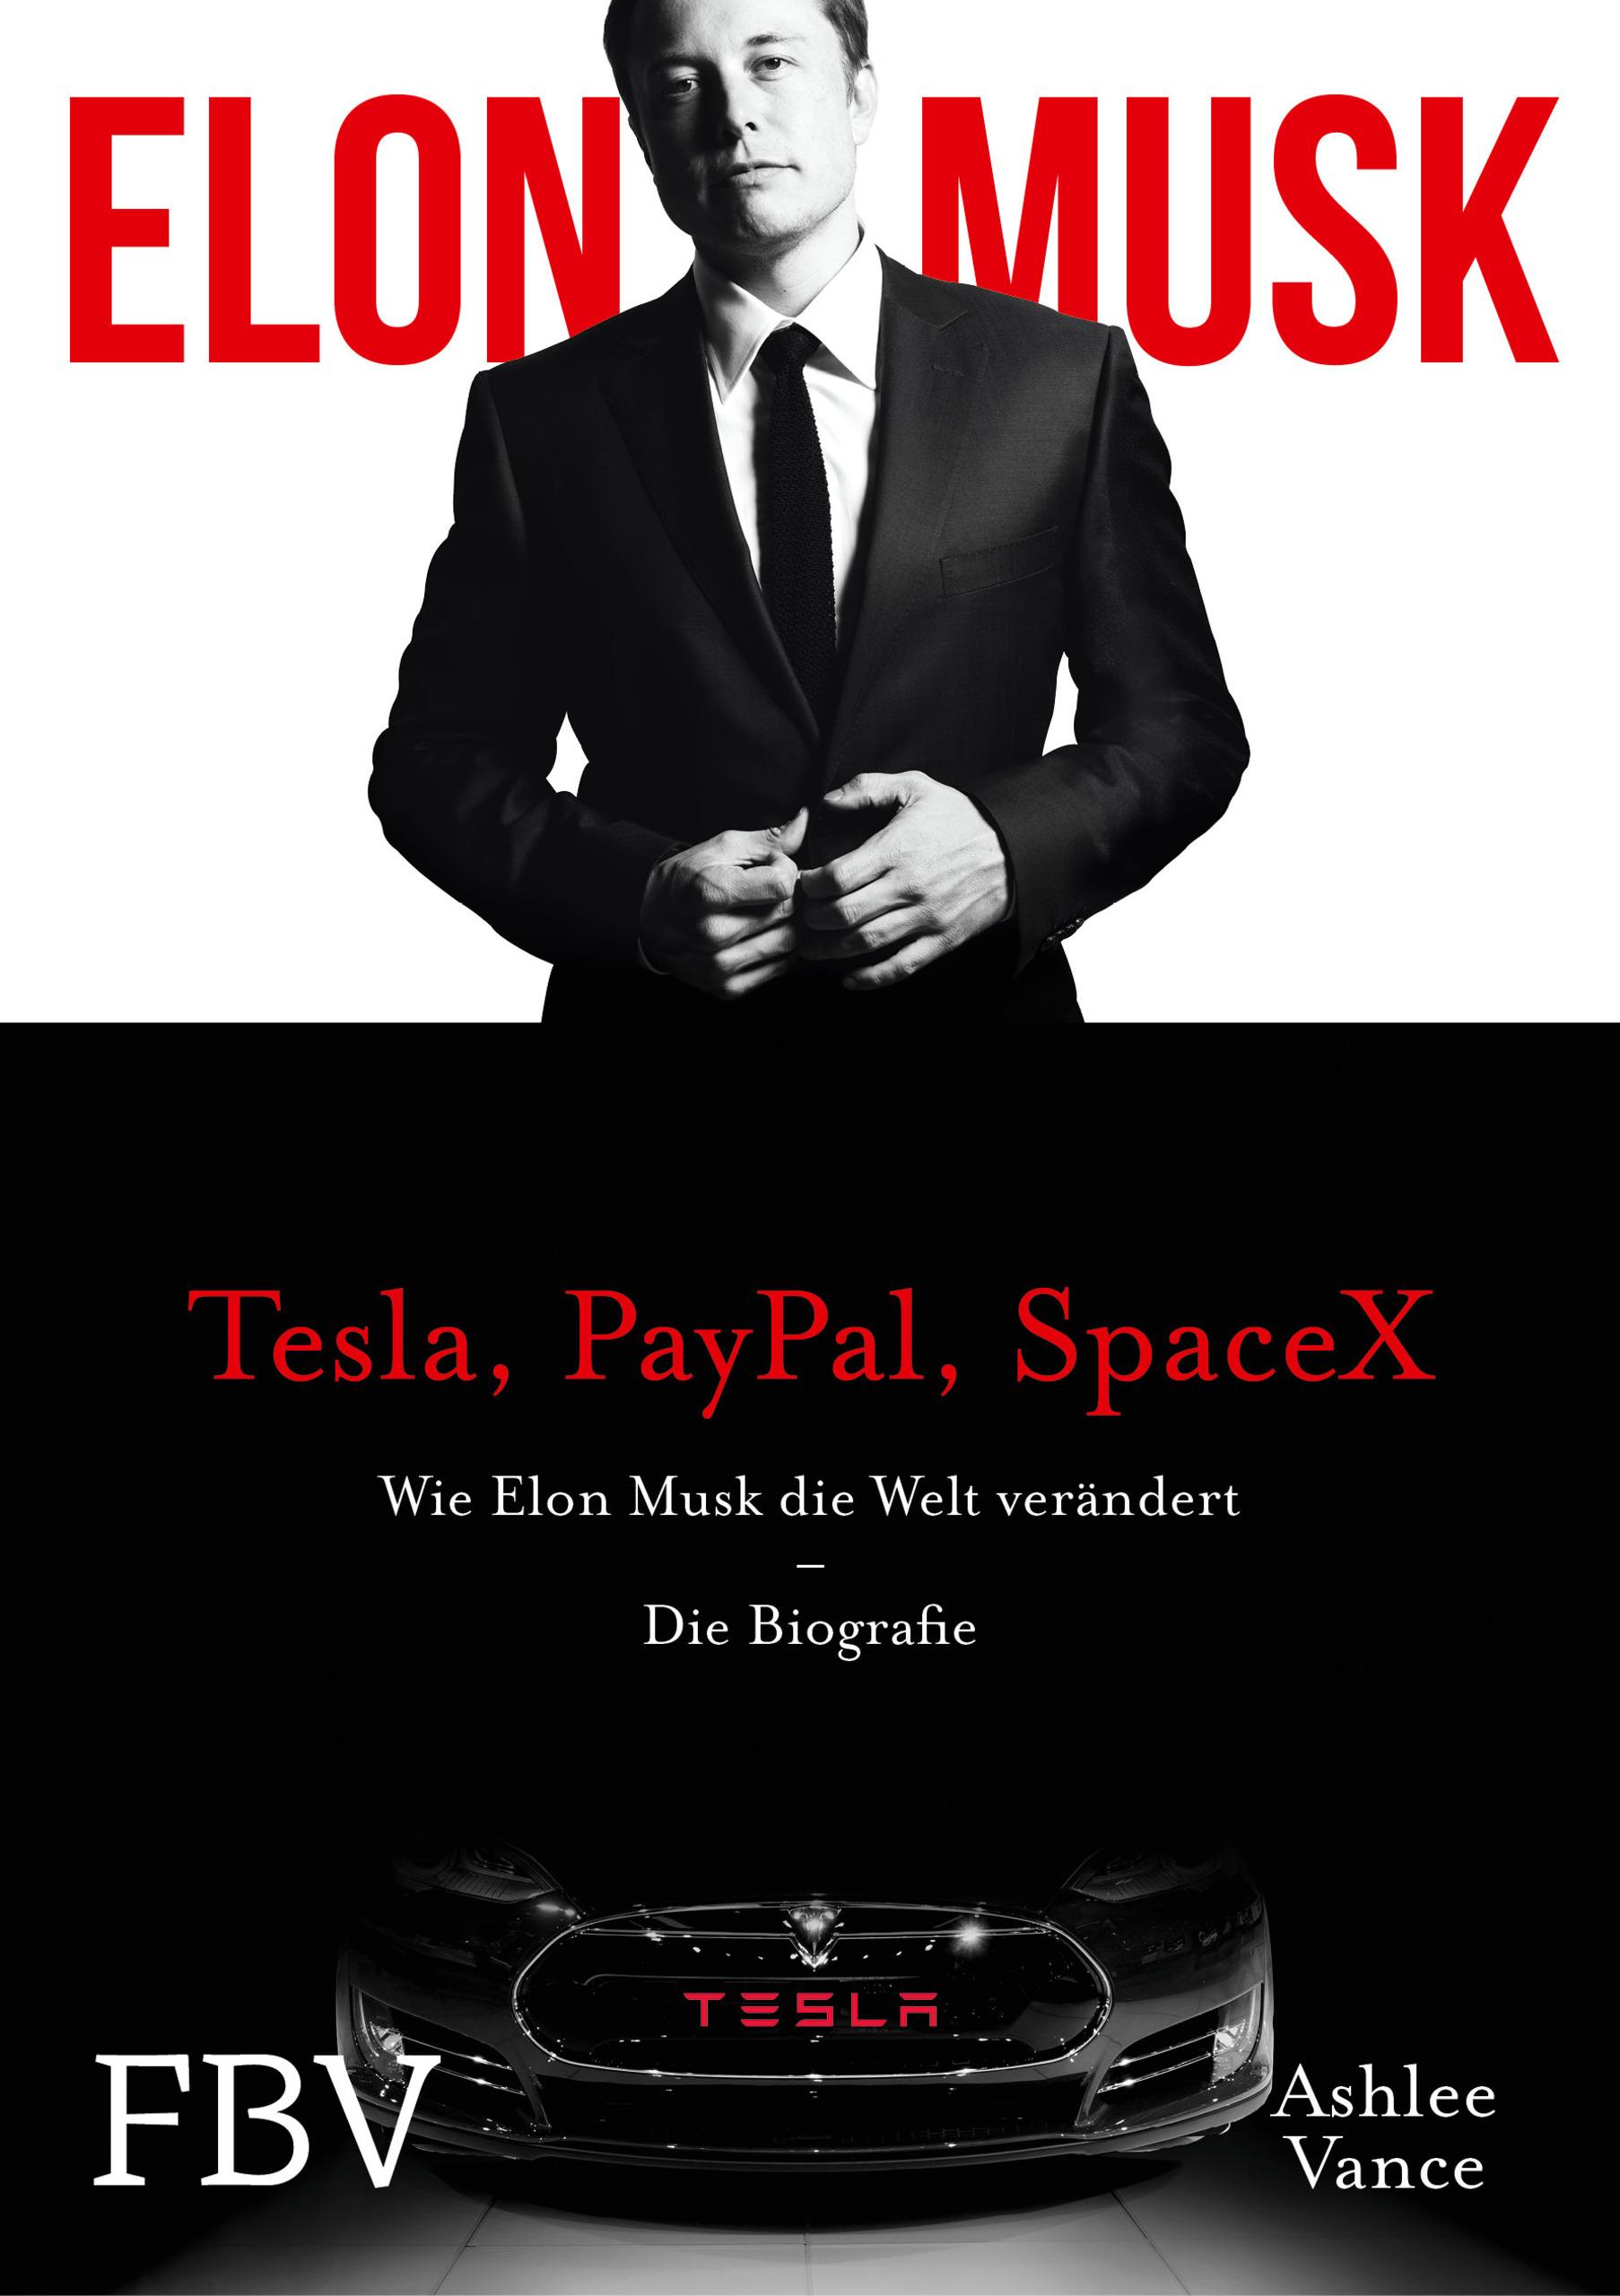 Elon Musk: Die Biografie des Gründers von Tesla, PayPal, SpaceX und wie er unsere Zukunft neu erfindet - Vance, Ashlee